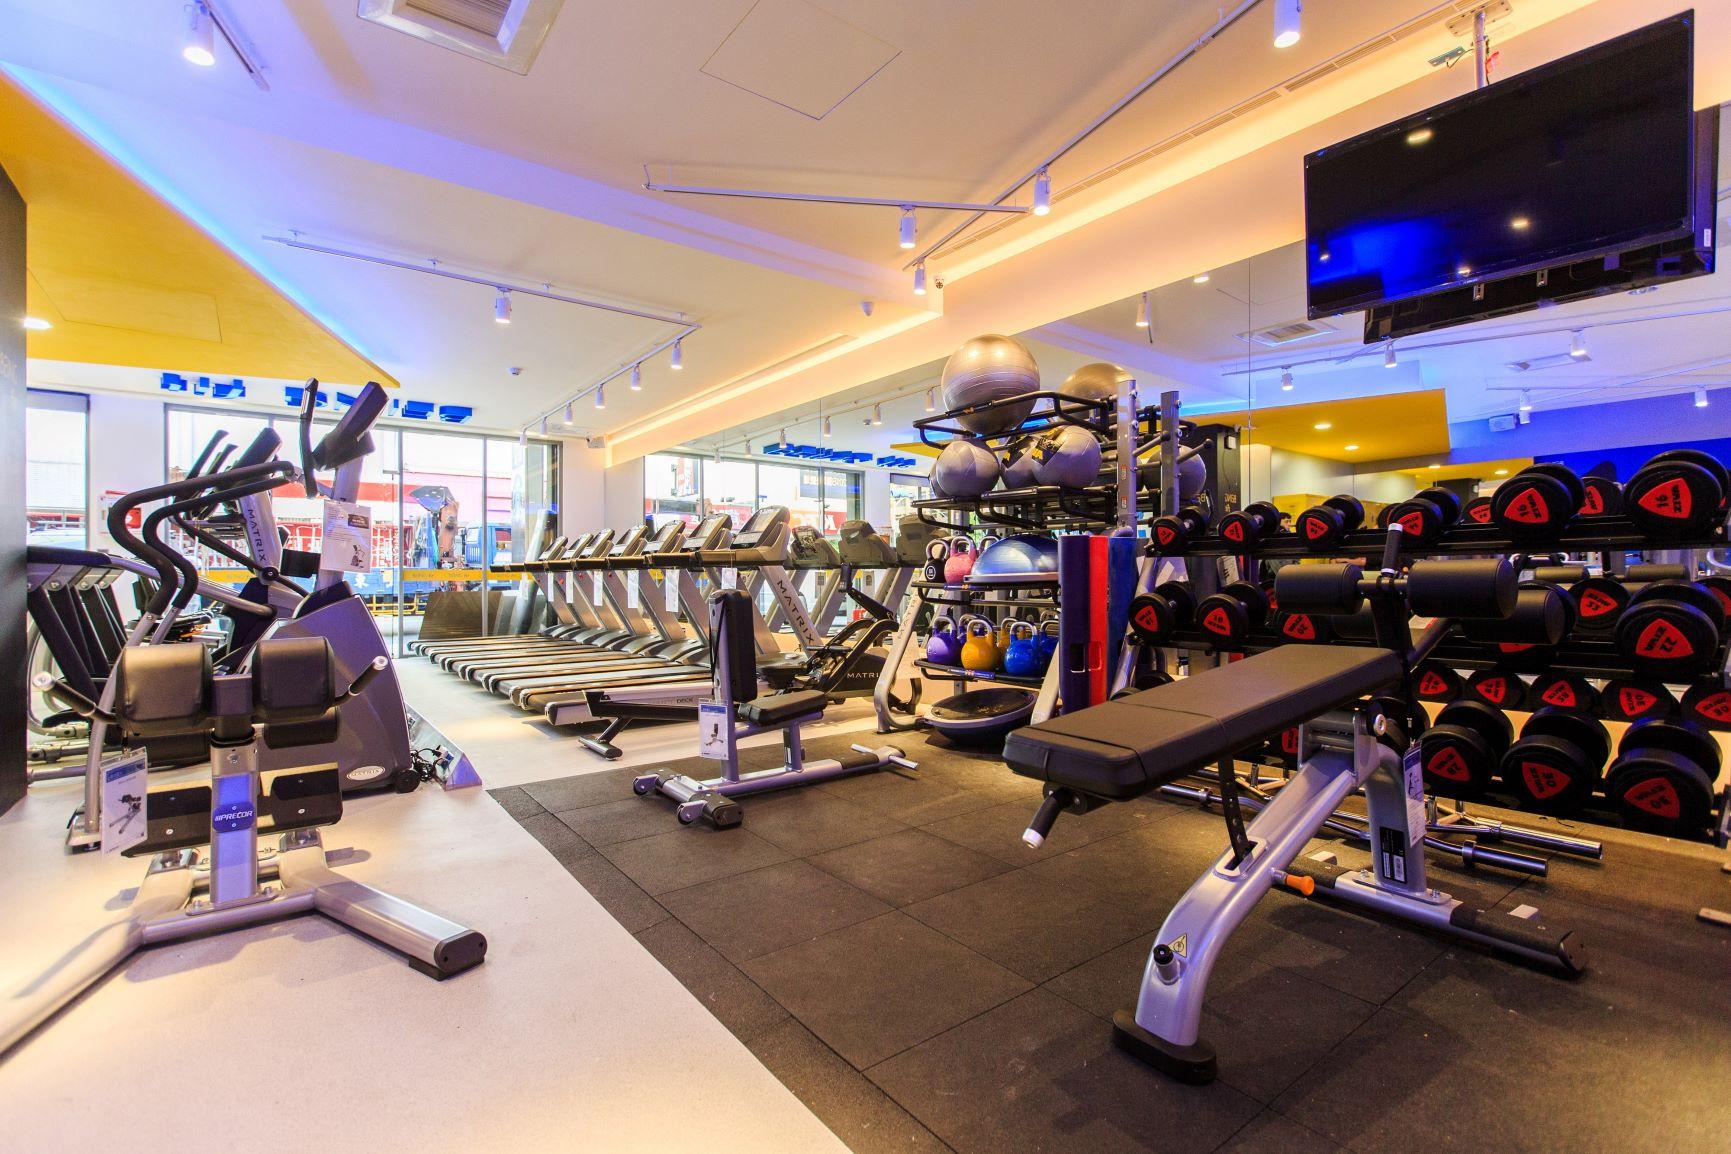 想健身再也不用付会费、被绑约!离家三步的 7-11「坎城门市」推出全新健身房服务 - 宅男异界